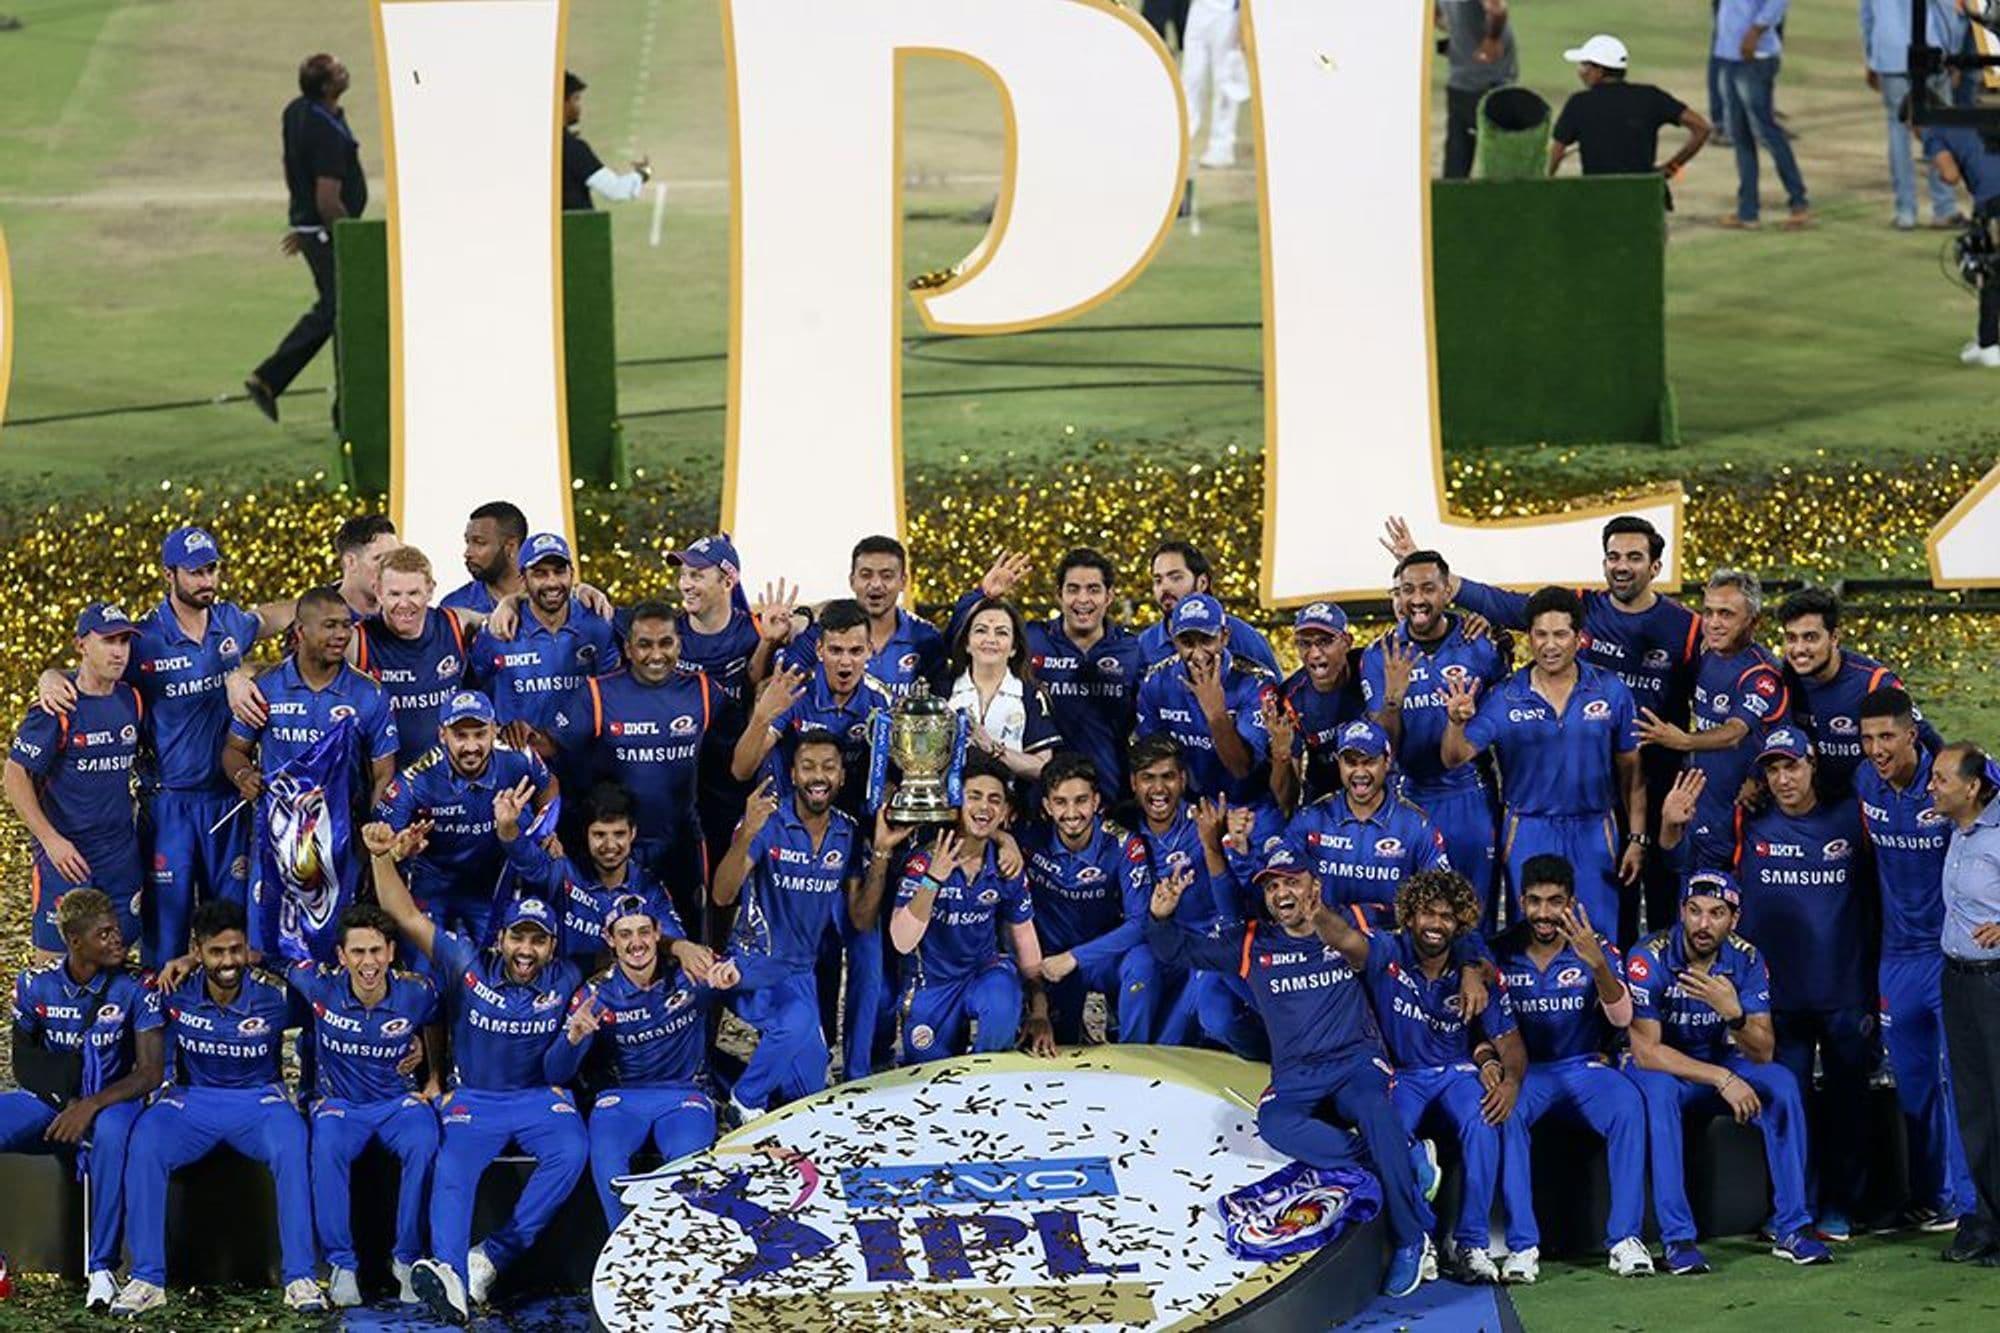 मुंबई इंडियंस ने आईपीएल का चौथी बार खिताब जीतकर इतिहास रच रच दिया है. रोहित शर्मा की कप्तानी में 2013, 2015 और 2017 में खिताब जीतने वाली इस टीम ने एक बार चैंपियन बनने का गौरव हासिल किया है.